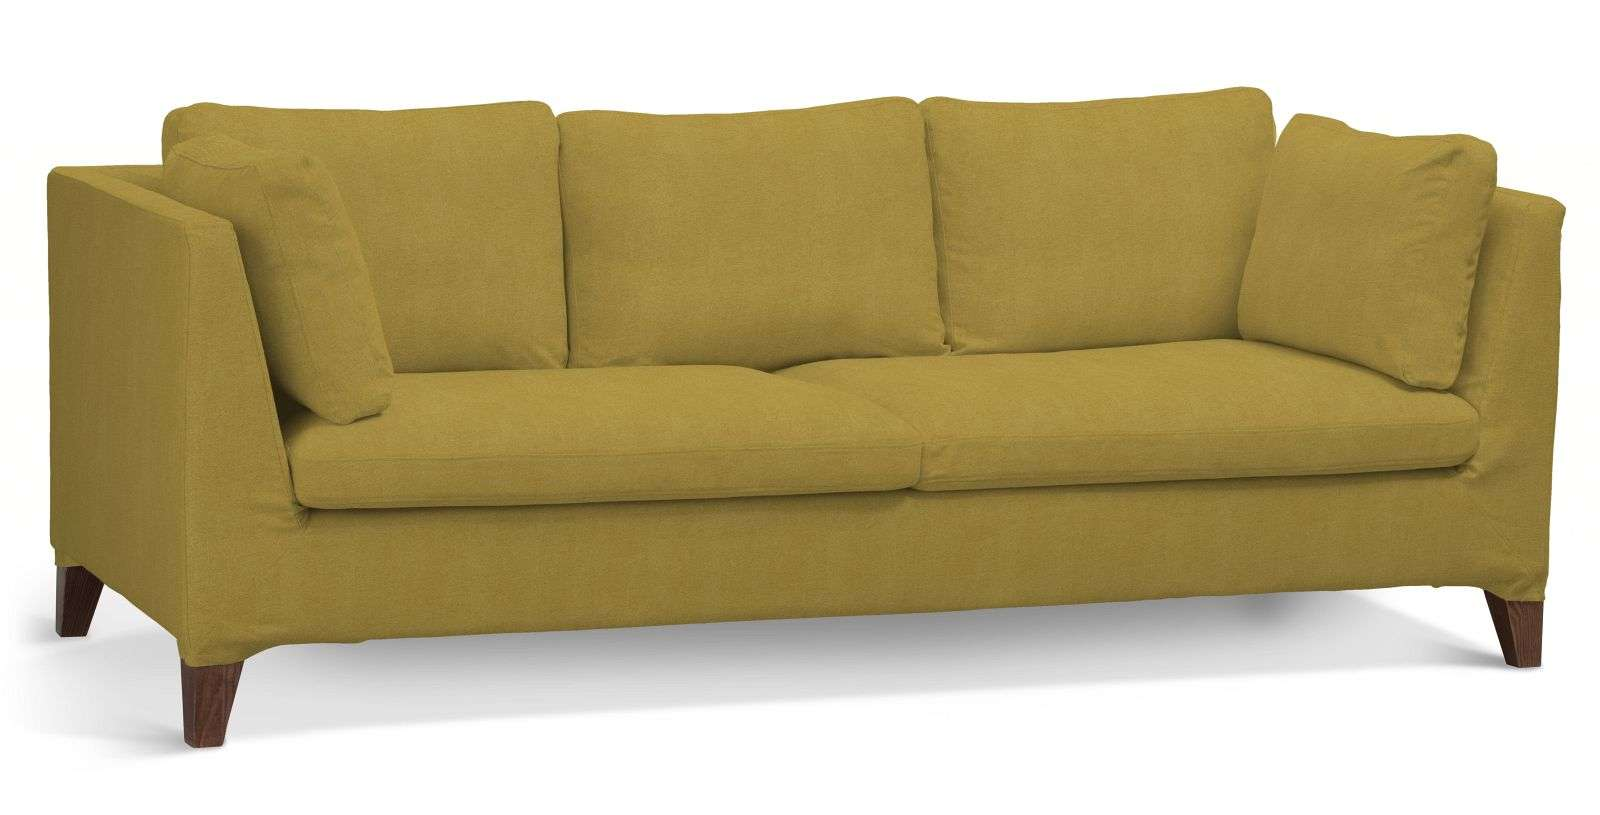 Pokrowiec na sofę Stockholm 3-osobową sofa Stockholm 3-osobowa w kolekcji Etna , tkanina: 705-04